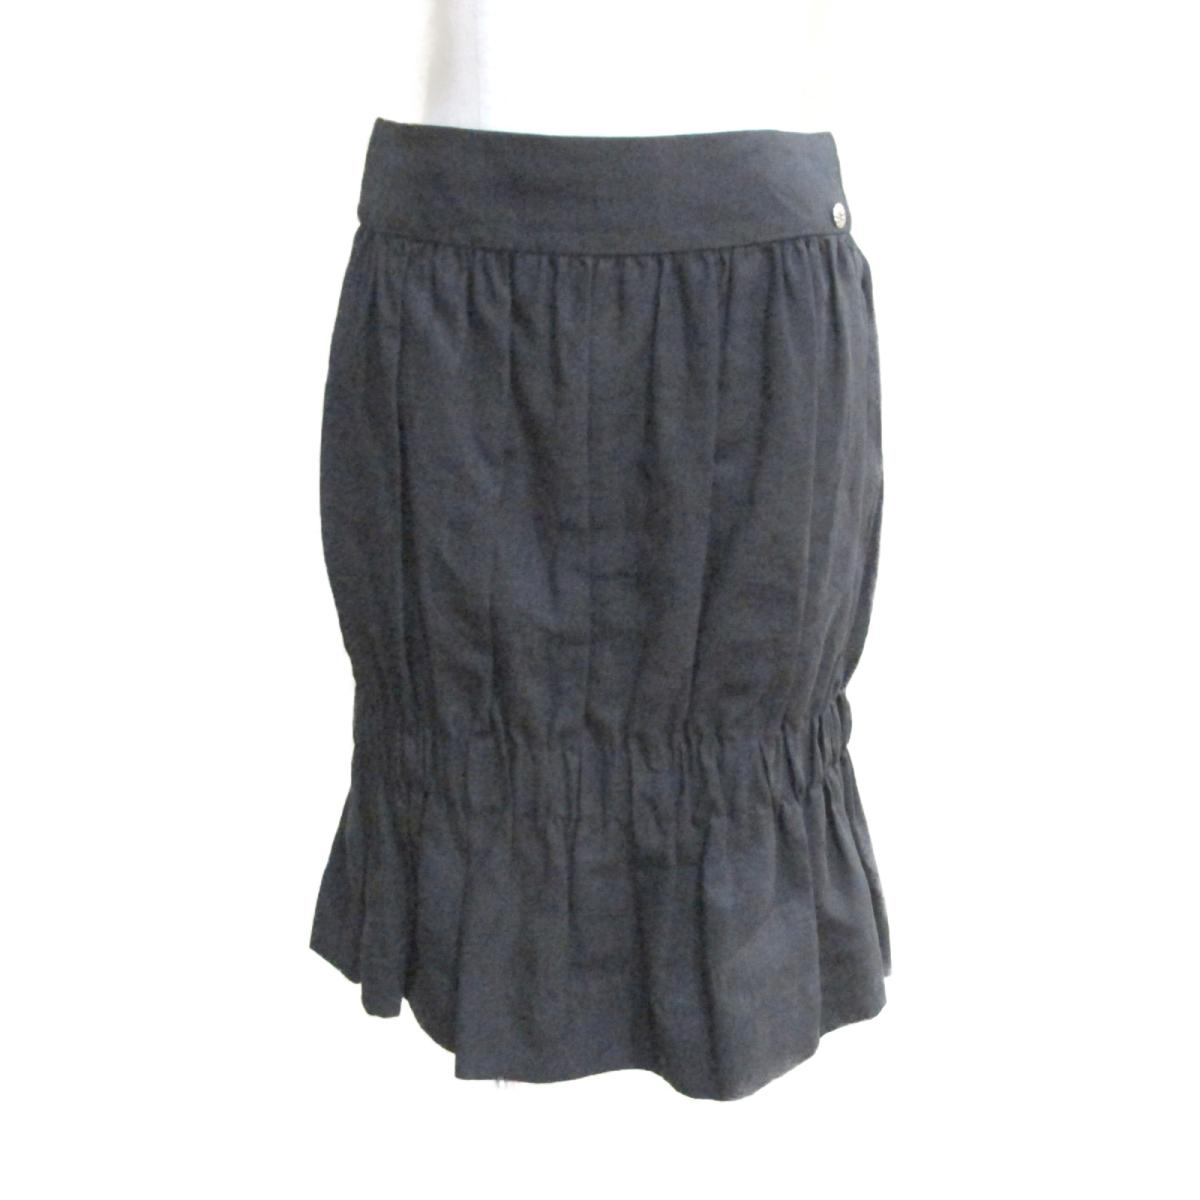 【中古】 シャネル スカート レディース リネン100% ブラック (P43117V28988) | CHANEL BRANDOFF ブランドオフ 衣料品 衣類 ブランド ボトムス